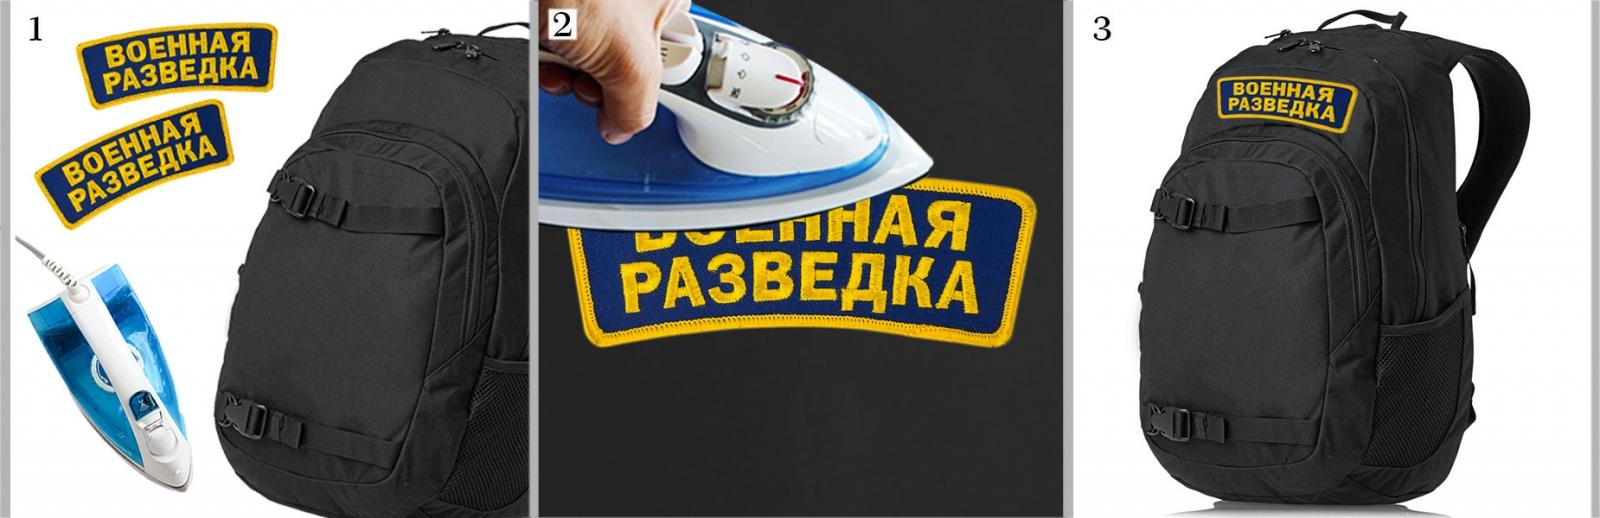 """Нашивка """"Военная разведка"""" термоклеевая на рюкзаке"""